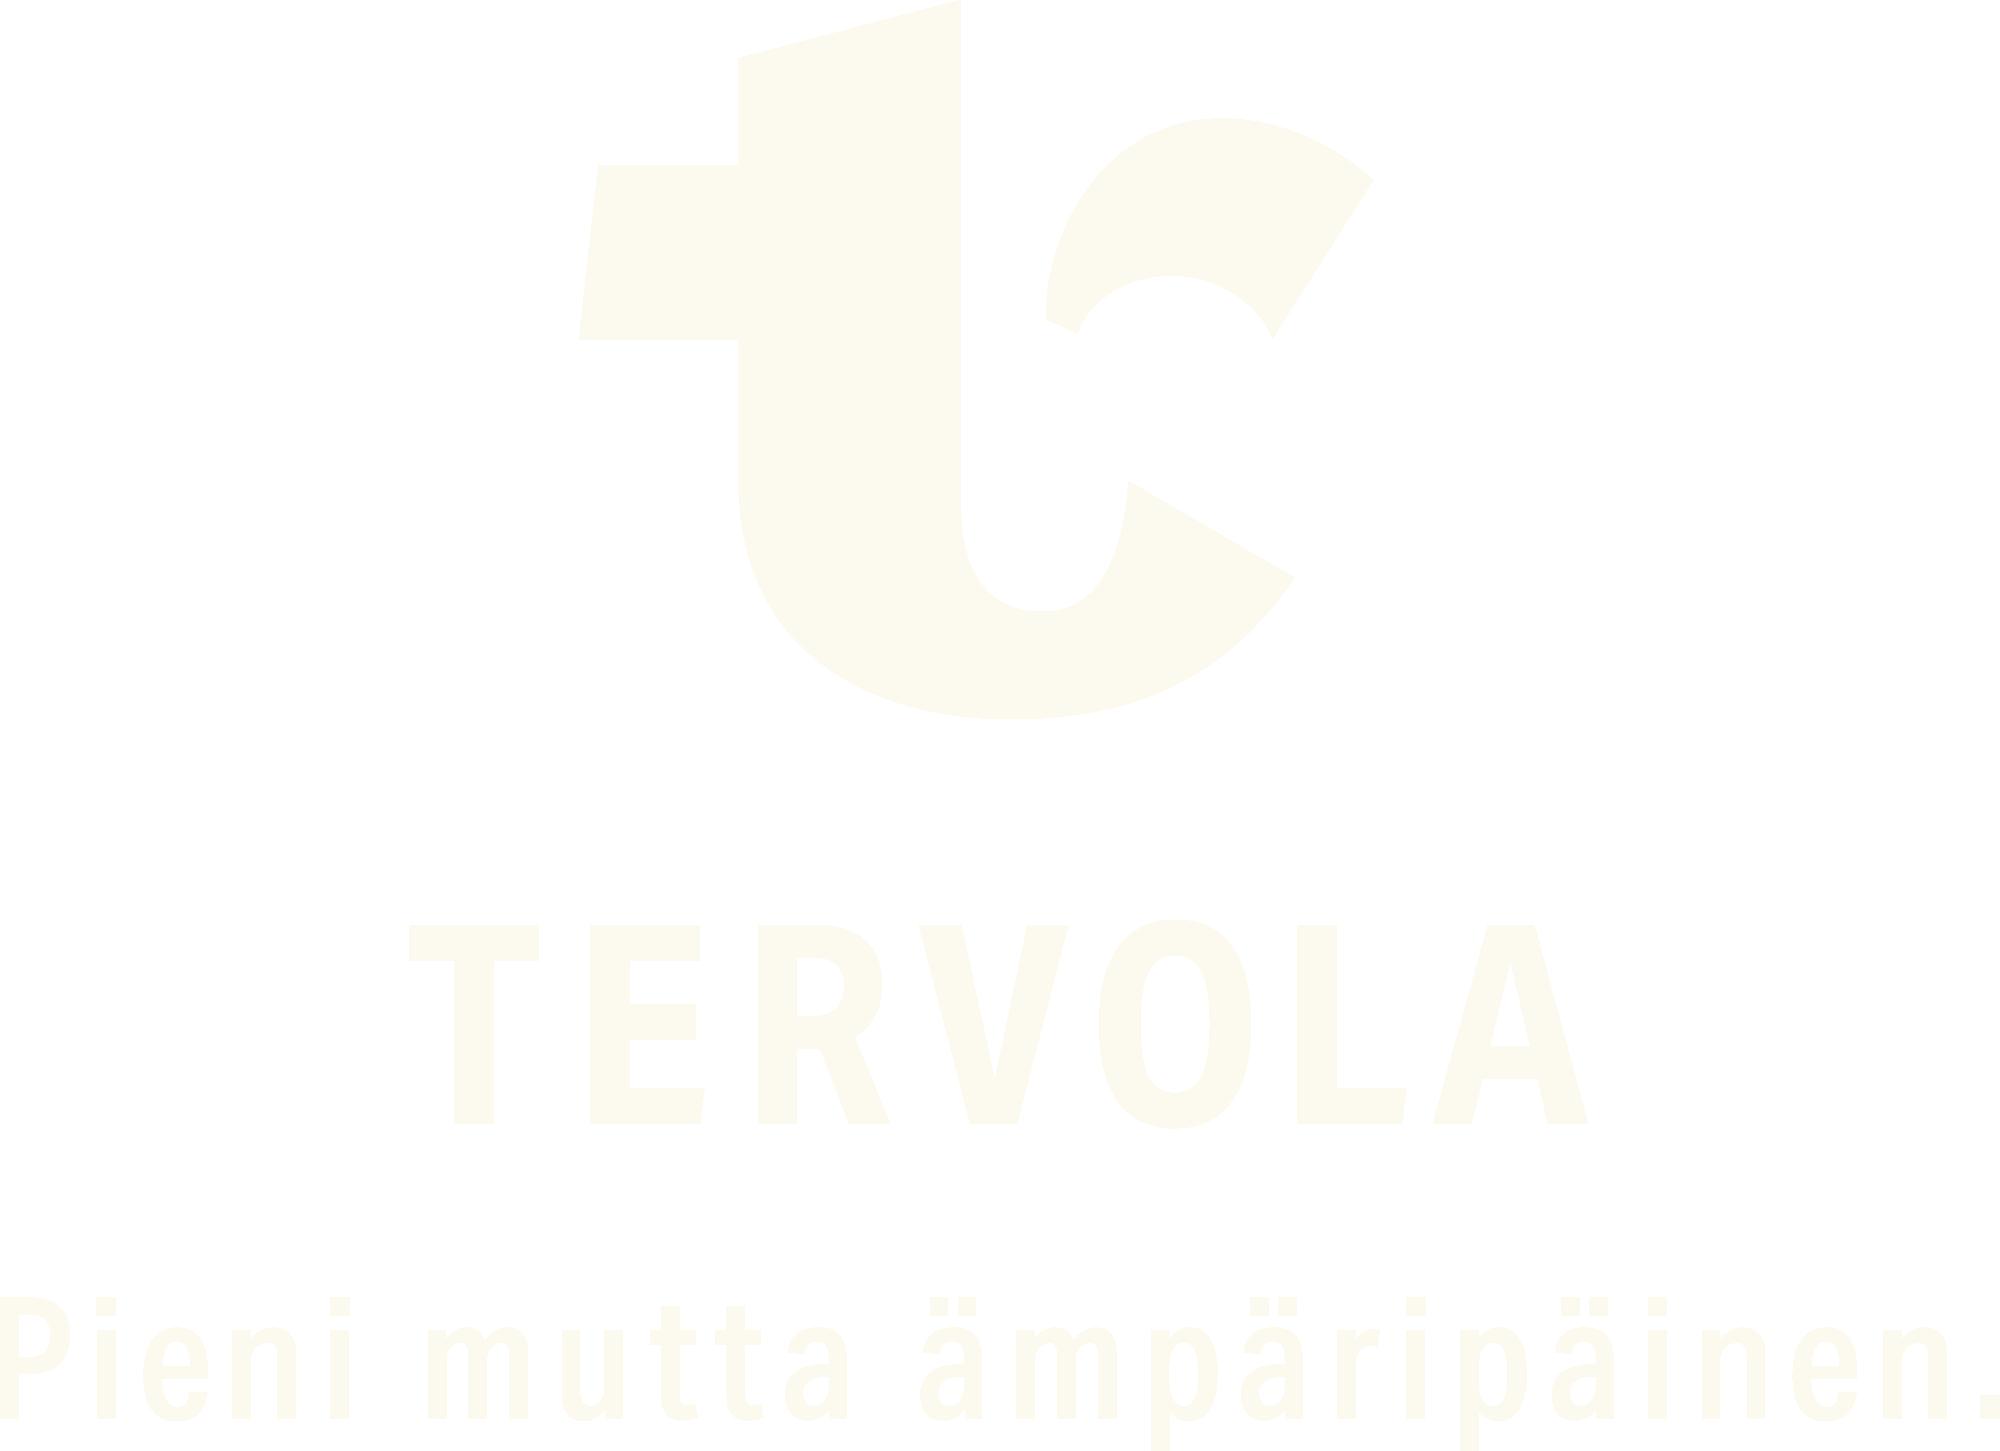 Tervolan kunnan logo: pieni mutta ämpäripäinen